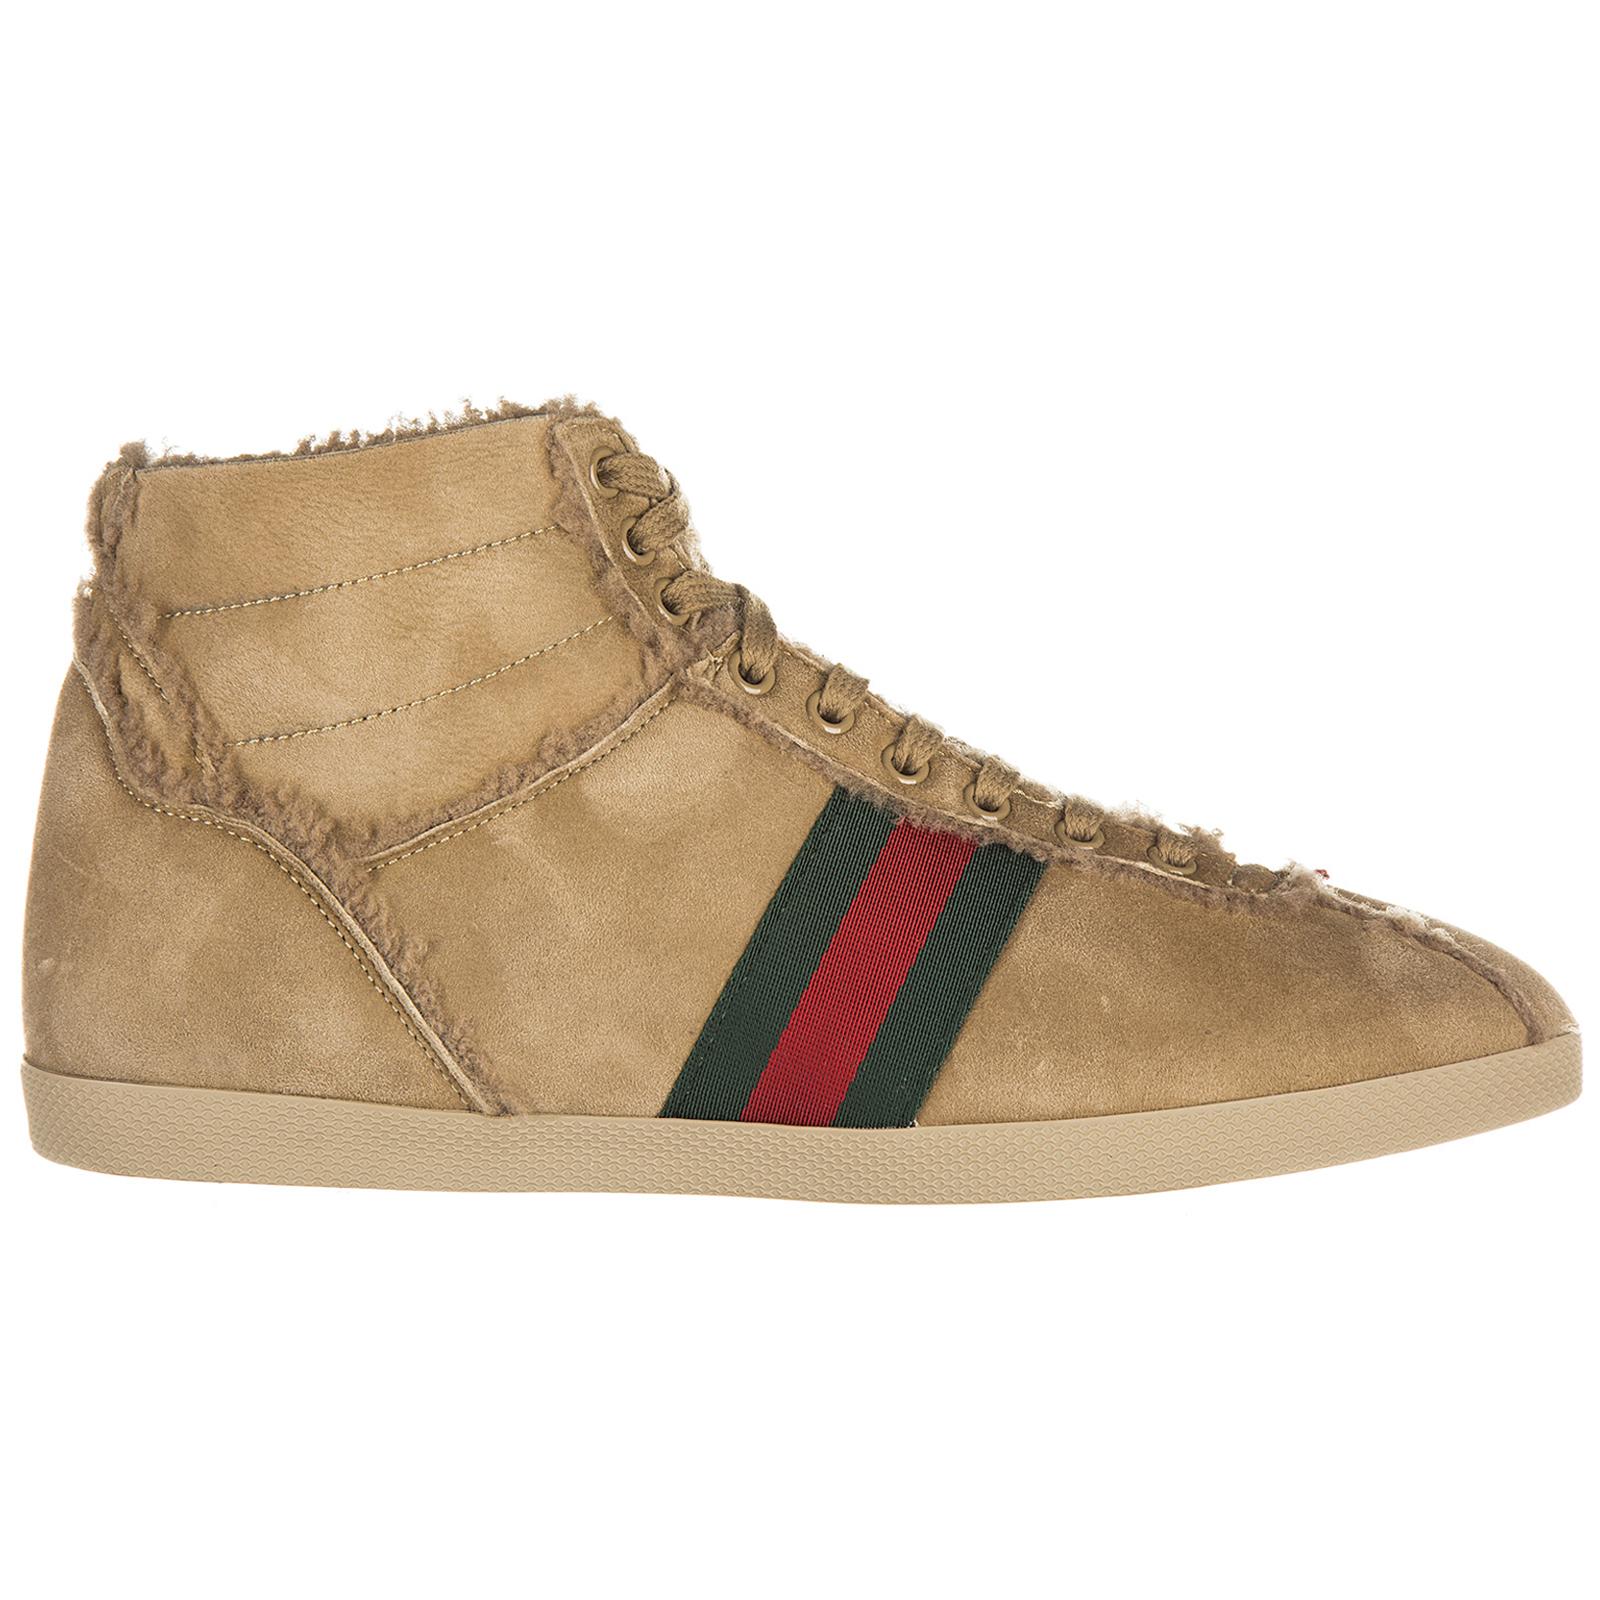 Scarpe sneakers alte uomo in camoscio shearling